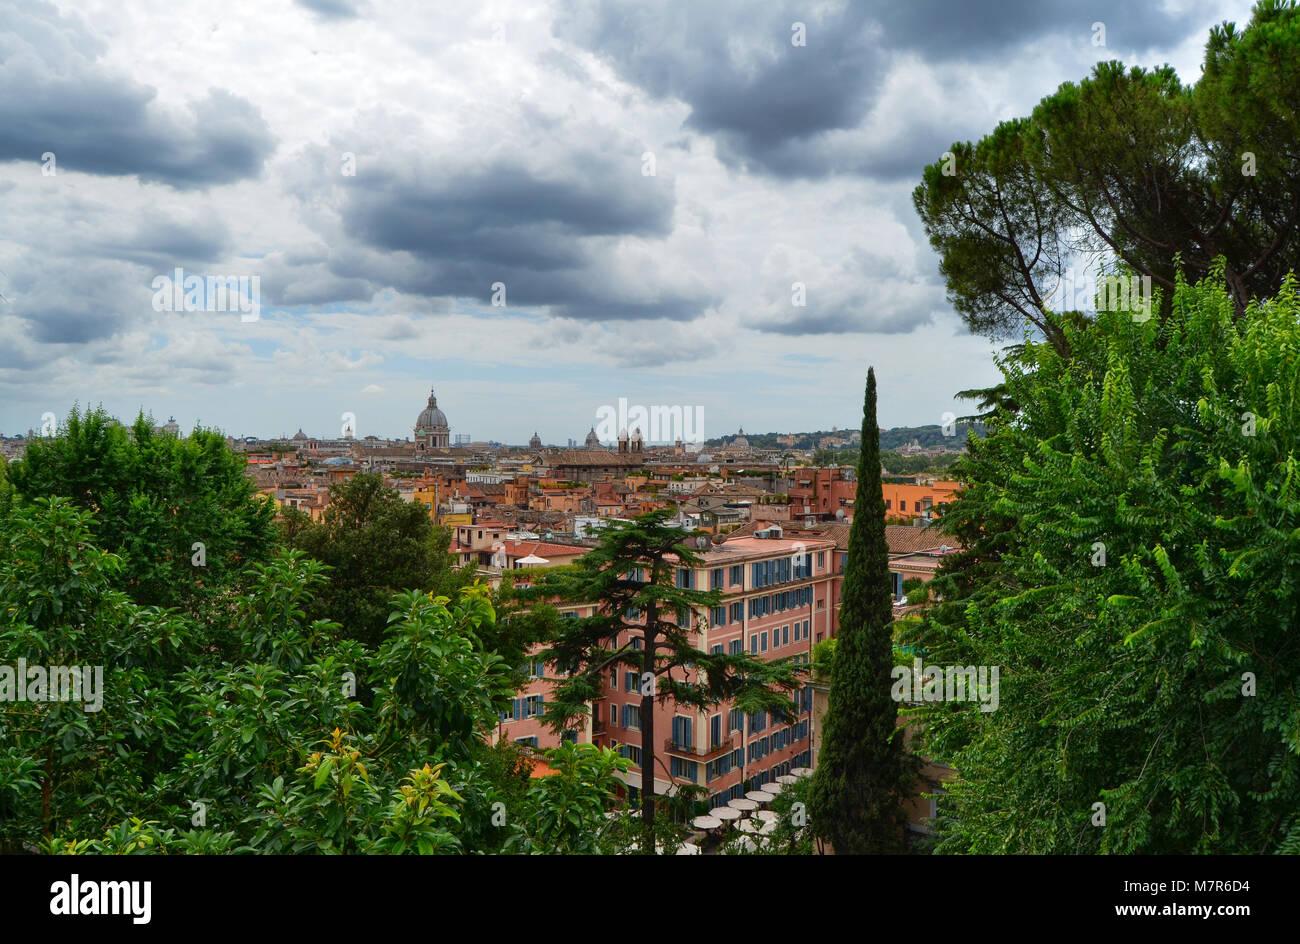 Terrazza Del Pincio Immagini & Terrazza Del Pincio Fotos Stock - Alamy